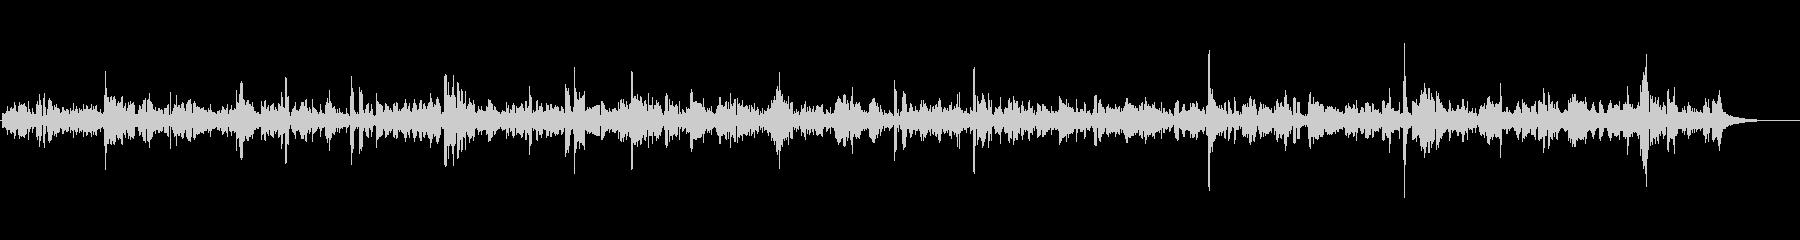 BGM|陽気で前向きなクラリネットジャズの未再生の波形